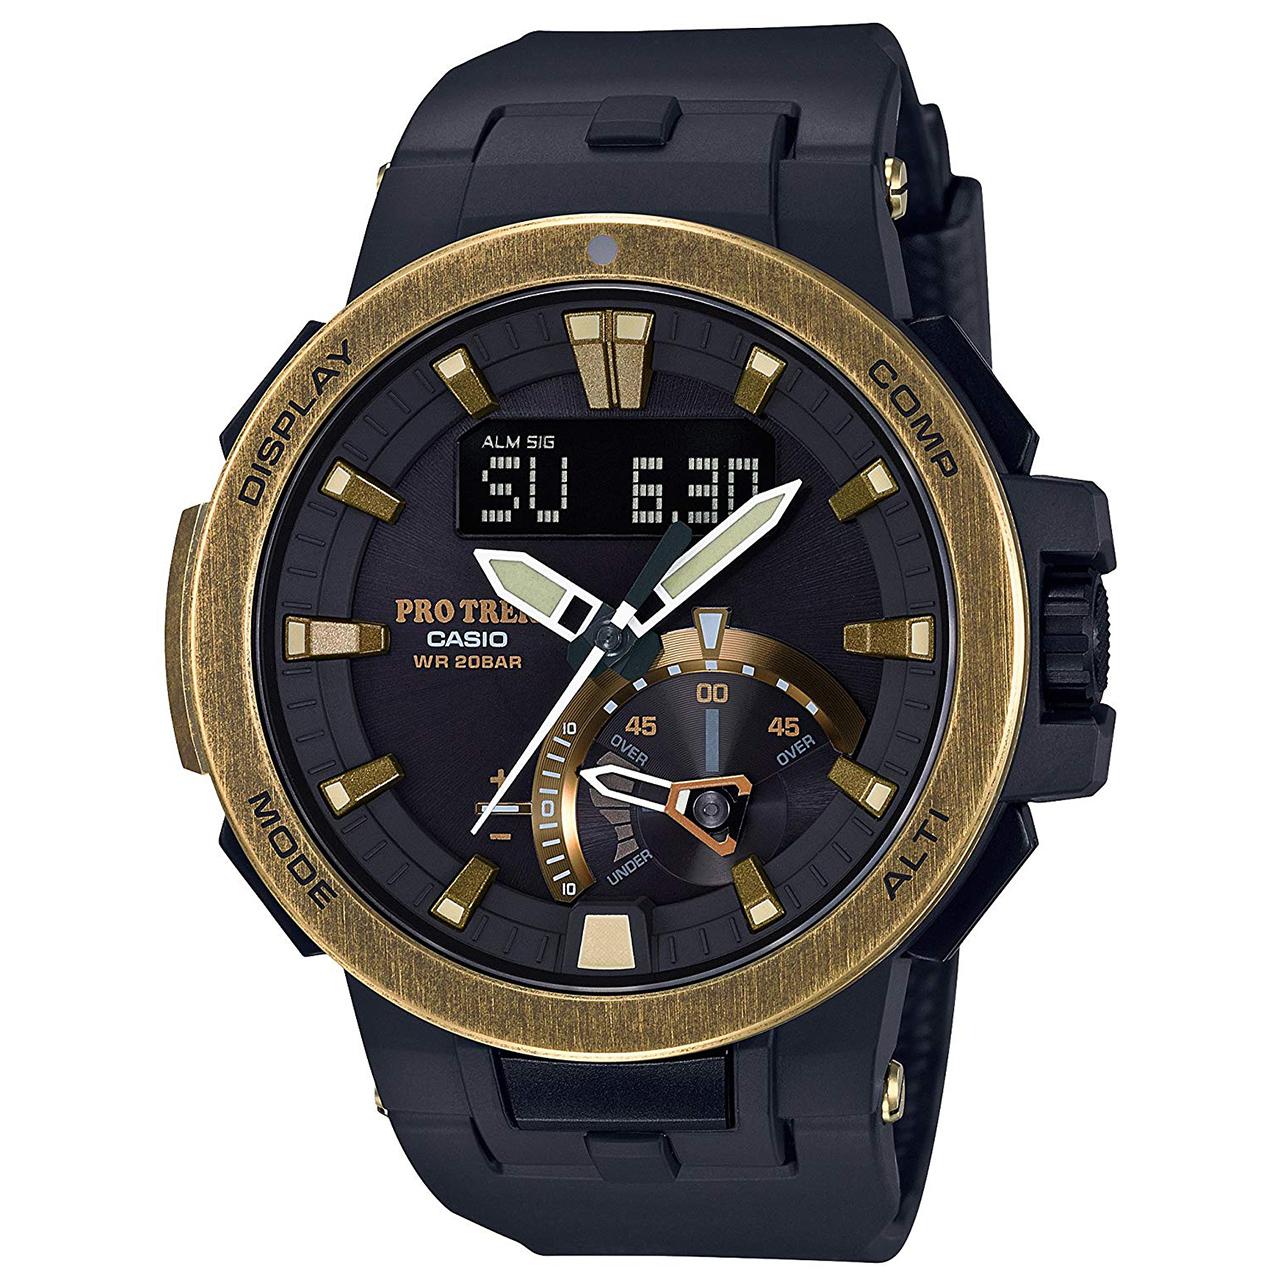 خرید ساعت مچی عقربه ای کاسیو پروترک مدل PRW-7000V-1DR